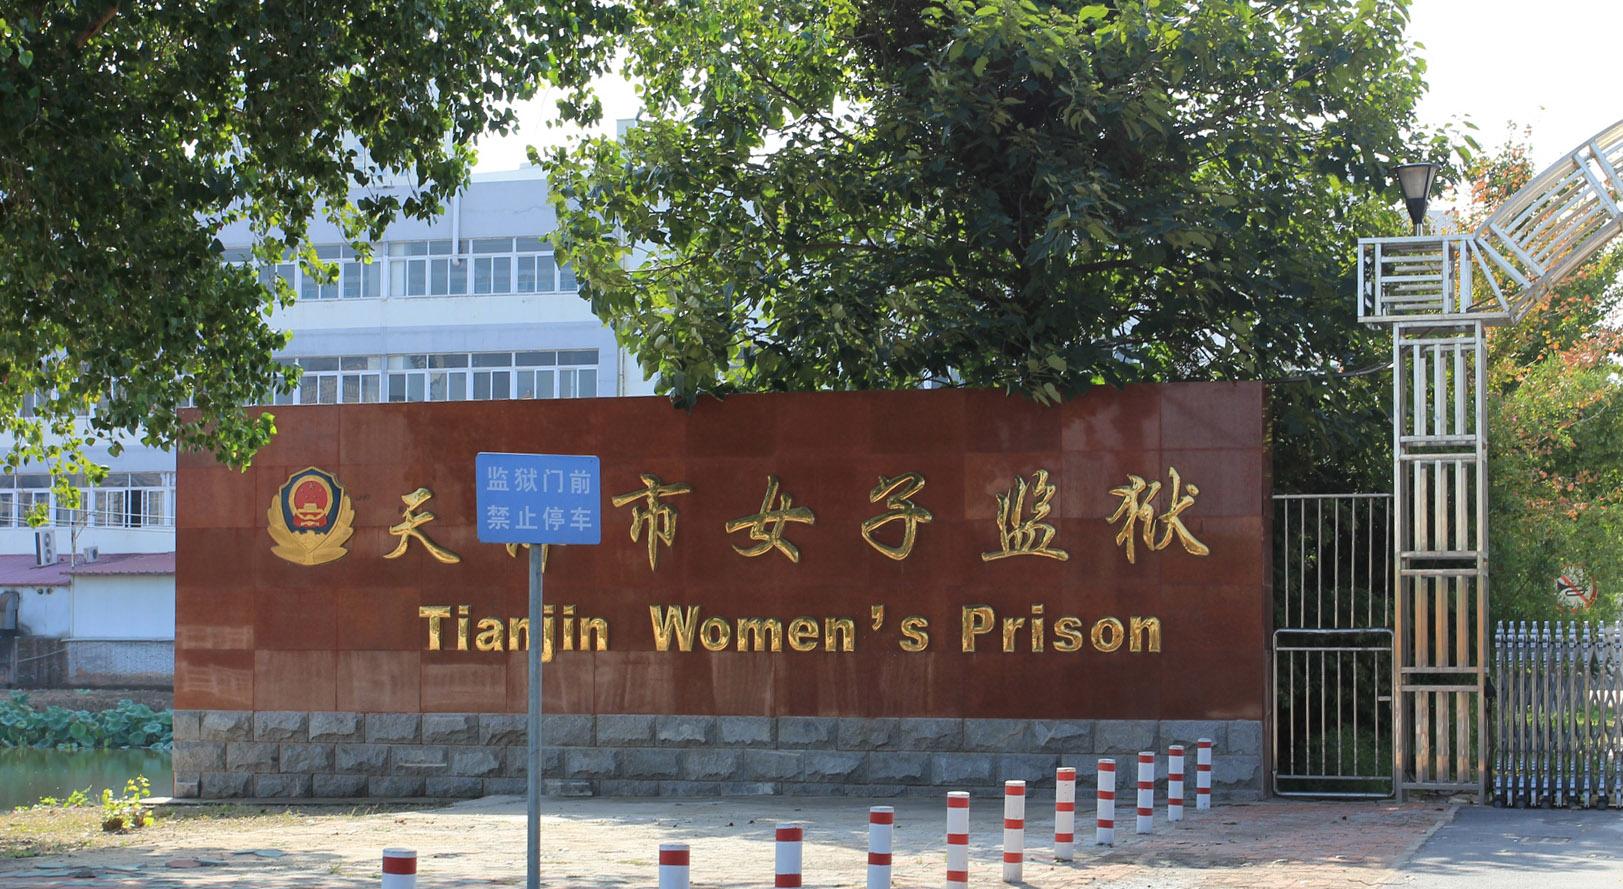 A Prisão Feminina de Tianjin, a uma curta jornada do Primeiro Hospital Central de Tianjin. Praticantes detidas na prisão informam haver sido submetidas a testes sanguíneos (Minghui.org)